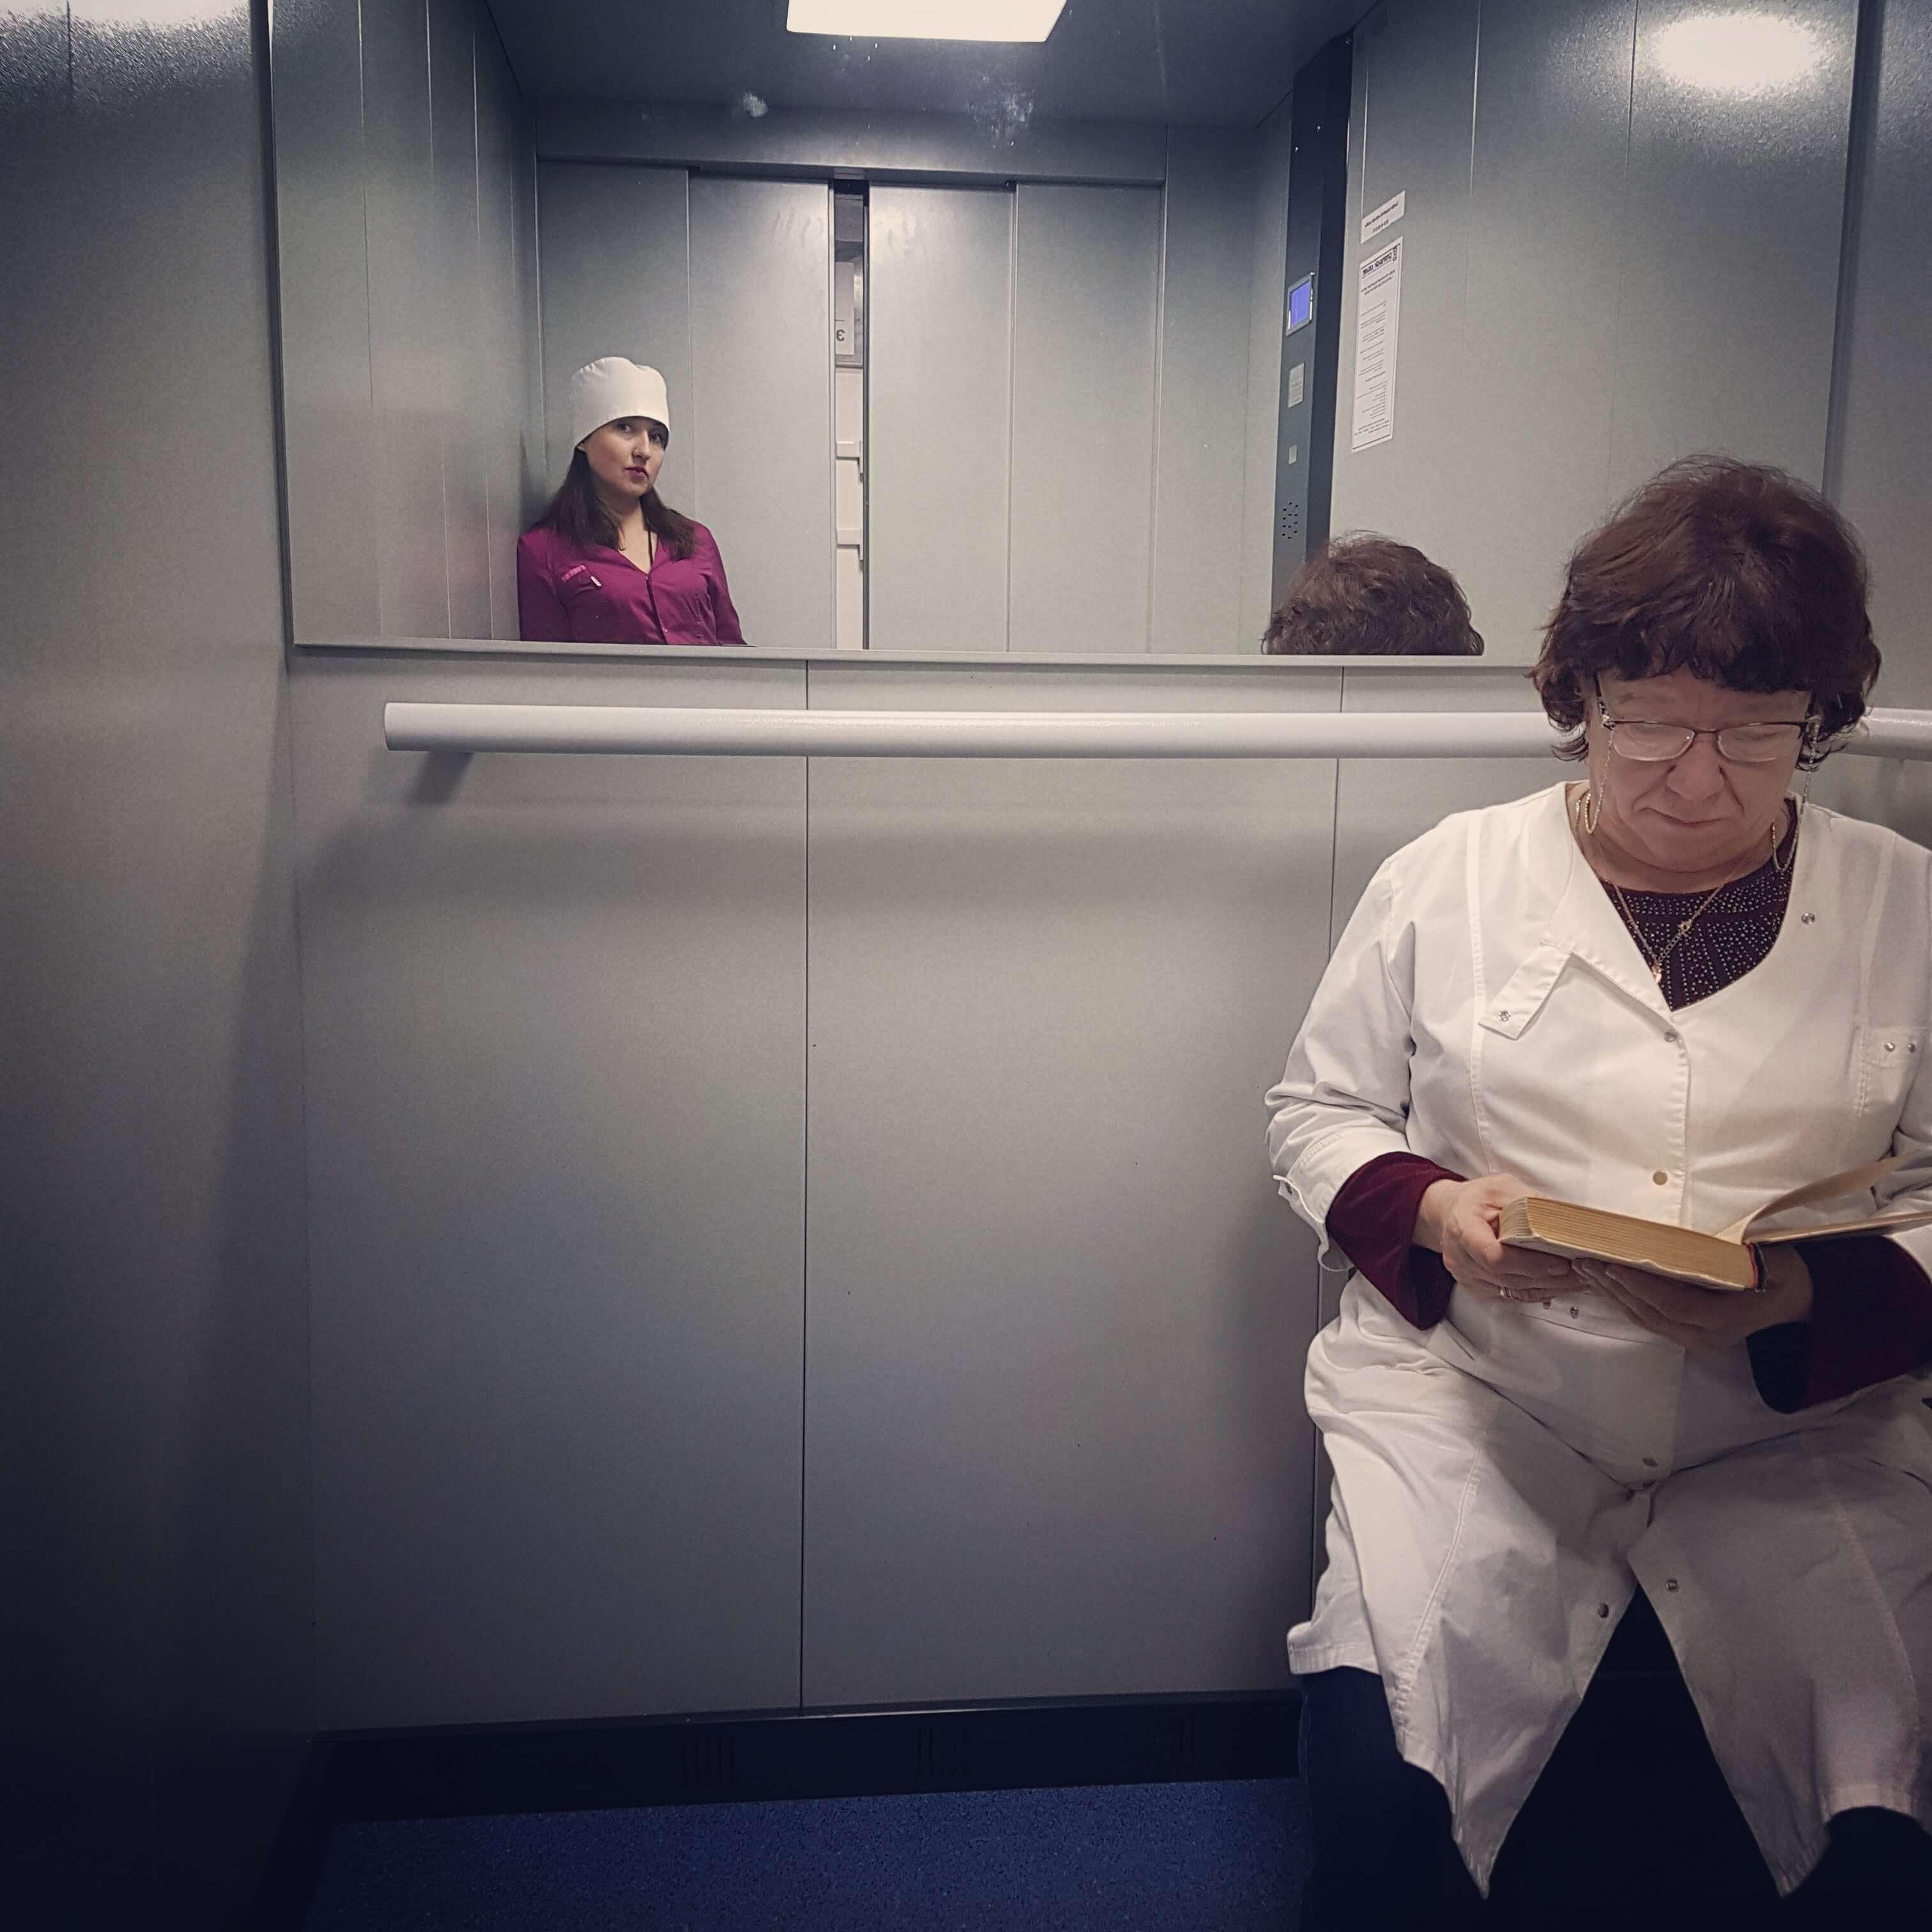 Перед увольнением санитарка, студентка 4-го курса СГМУ им. В. И. Разумовского Виктория Федорова фотографировала будни медиков в лифте больницы. Фотопроект она вела на своей странице в Инстаграм, назвав его «Социальный лифт», а окончательное прощание с больницей сопроводила строками: